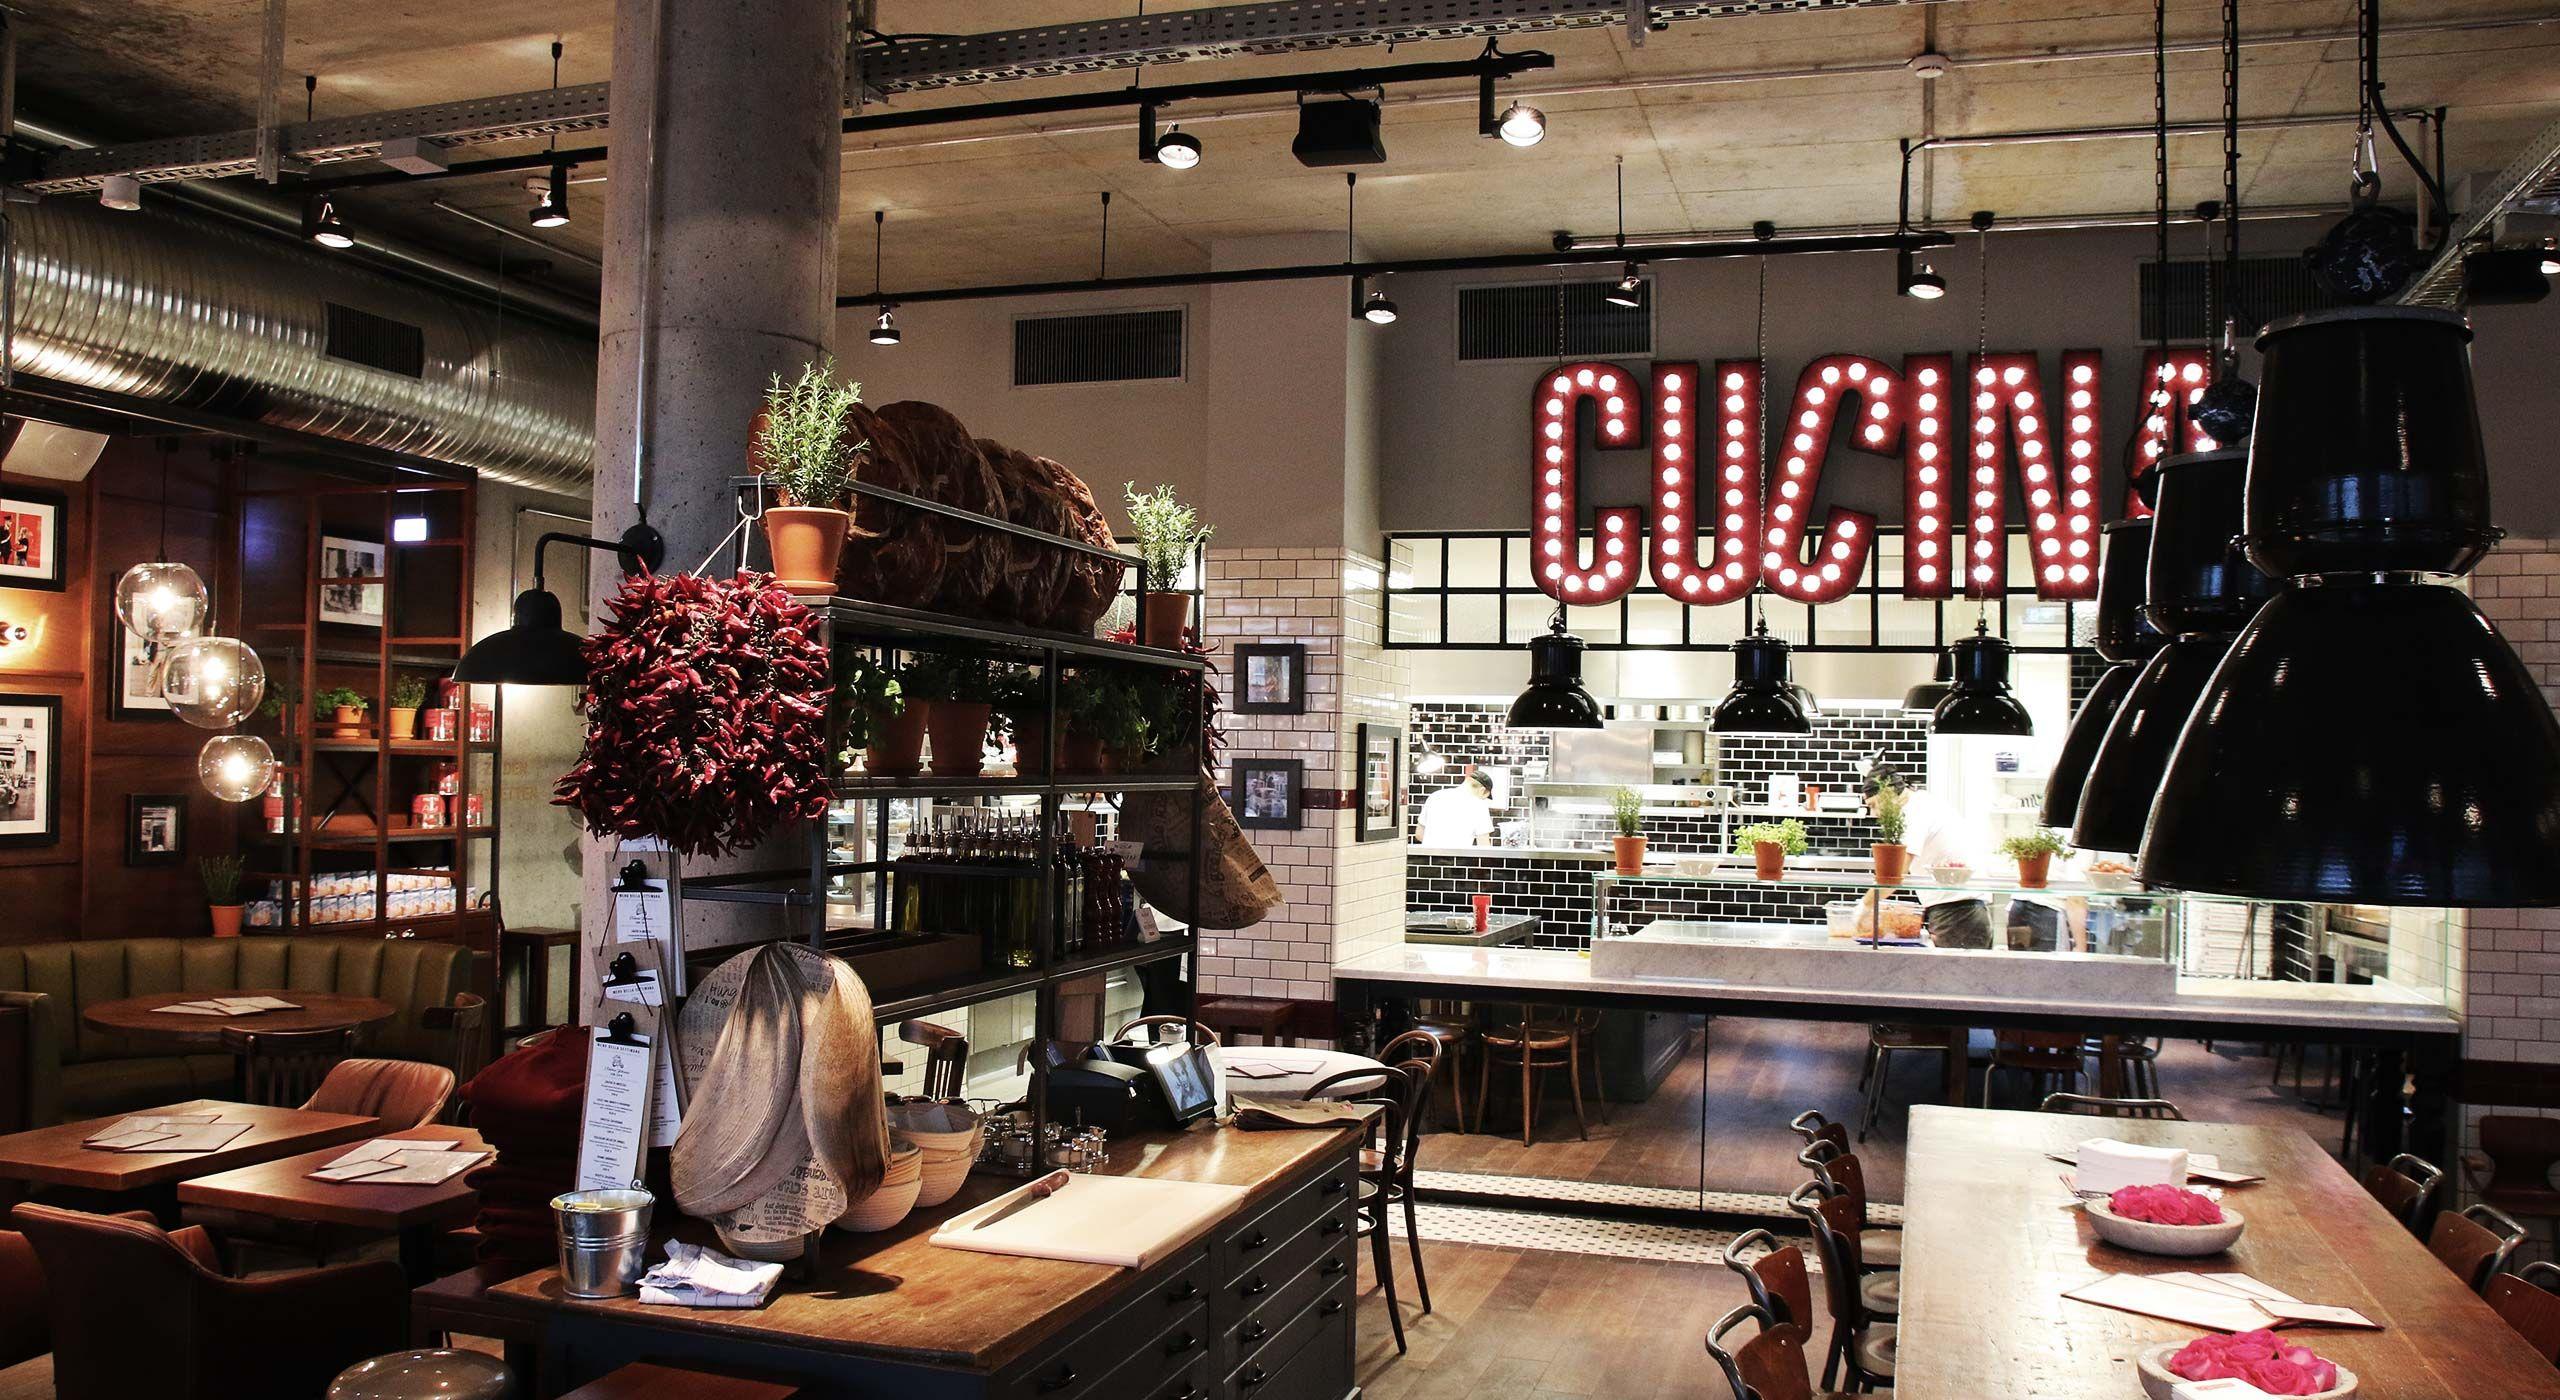 L Osteria Heilbronn Pizza E Pasta Italienische Restaurants Restaurant Italien